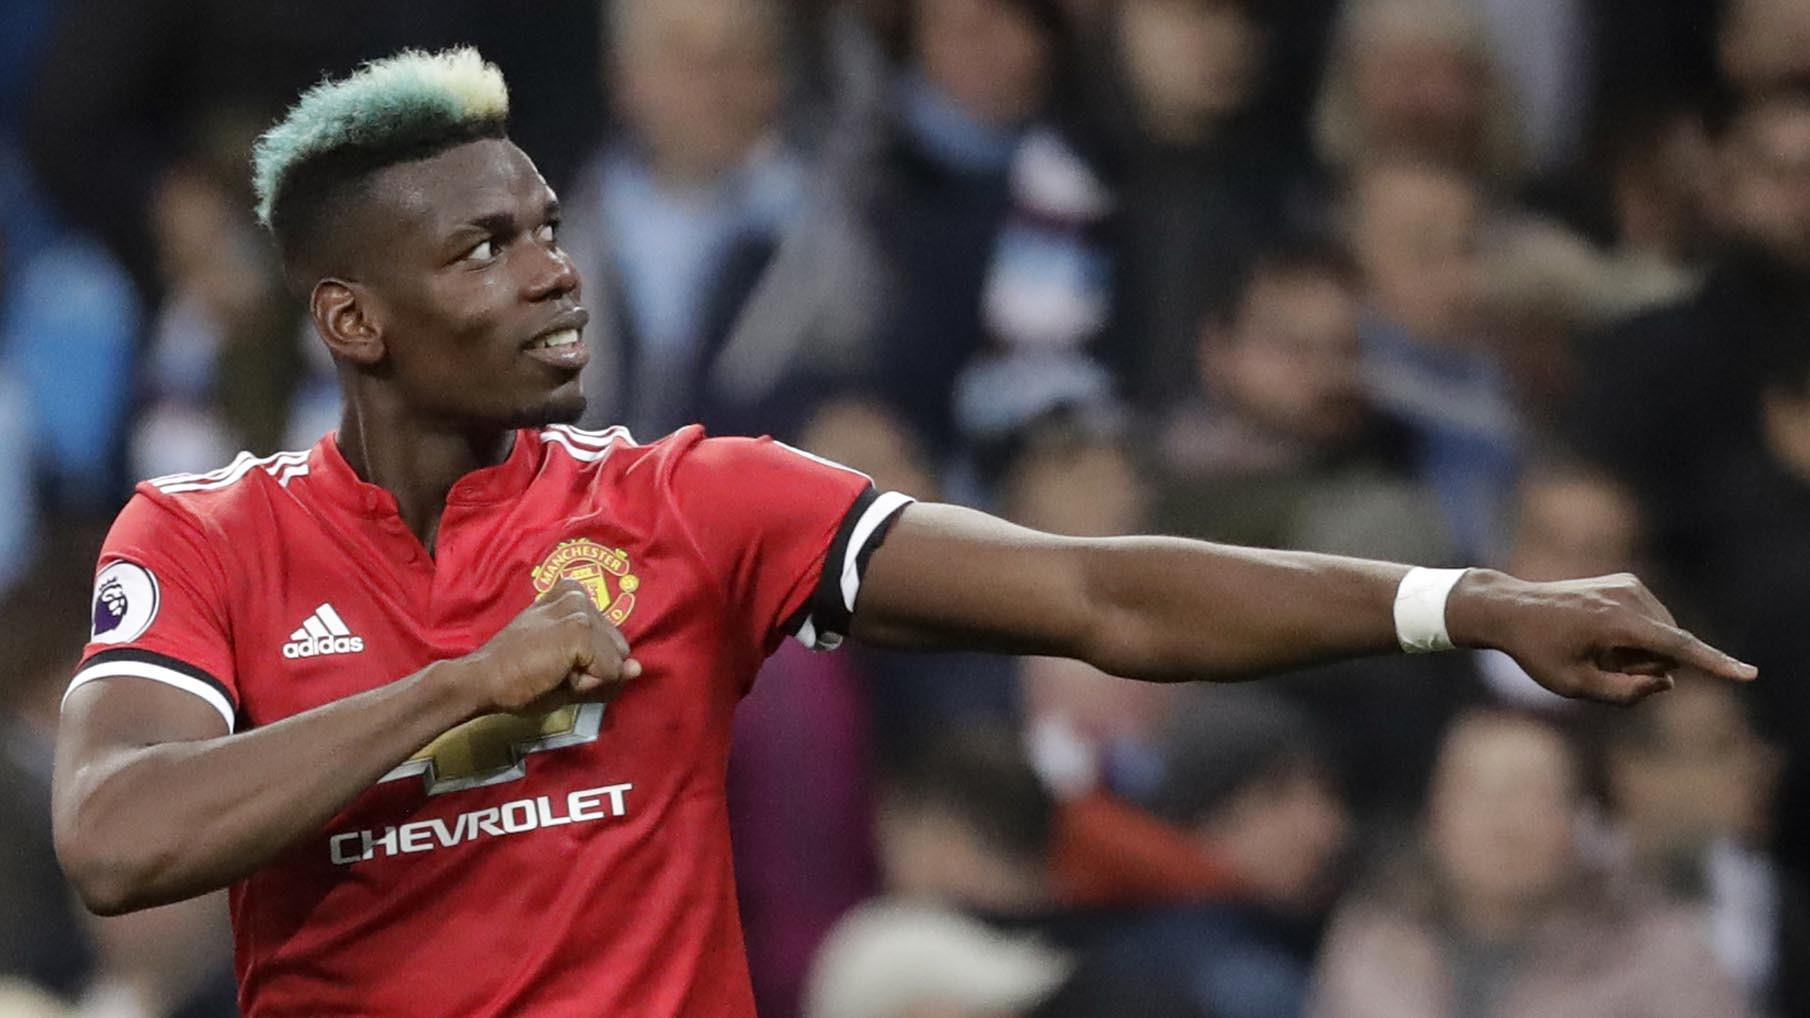 Gelandang Manchester United, Paul Pogba (AP Photo/Matt Dunham)